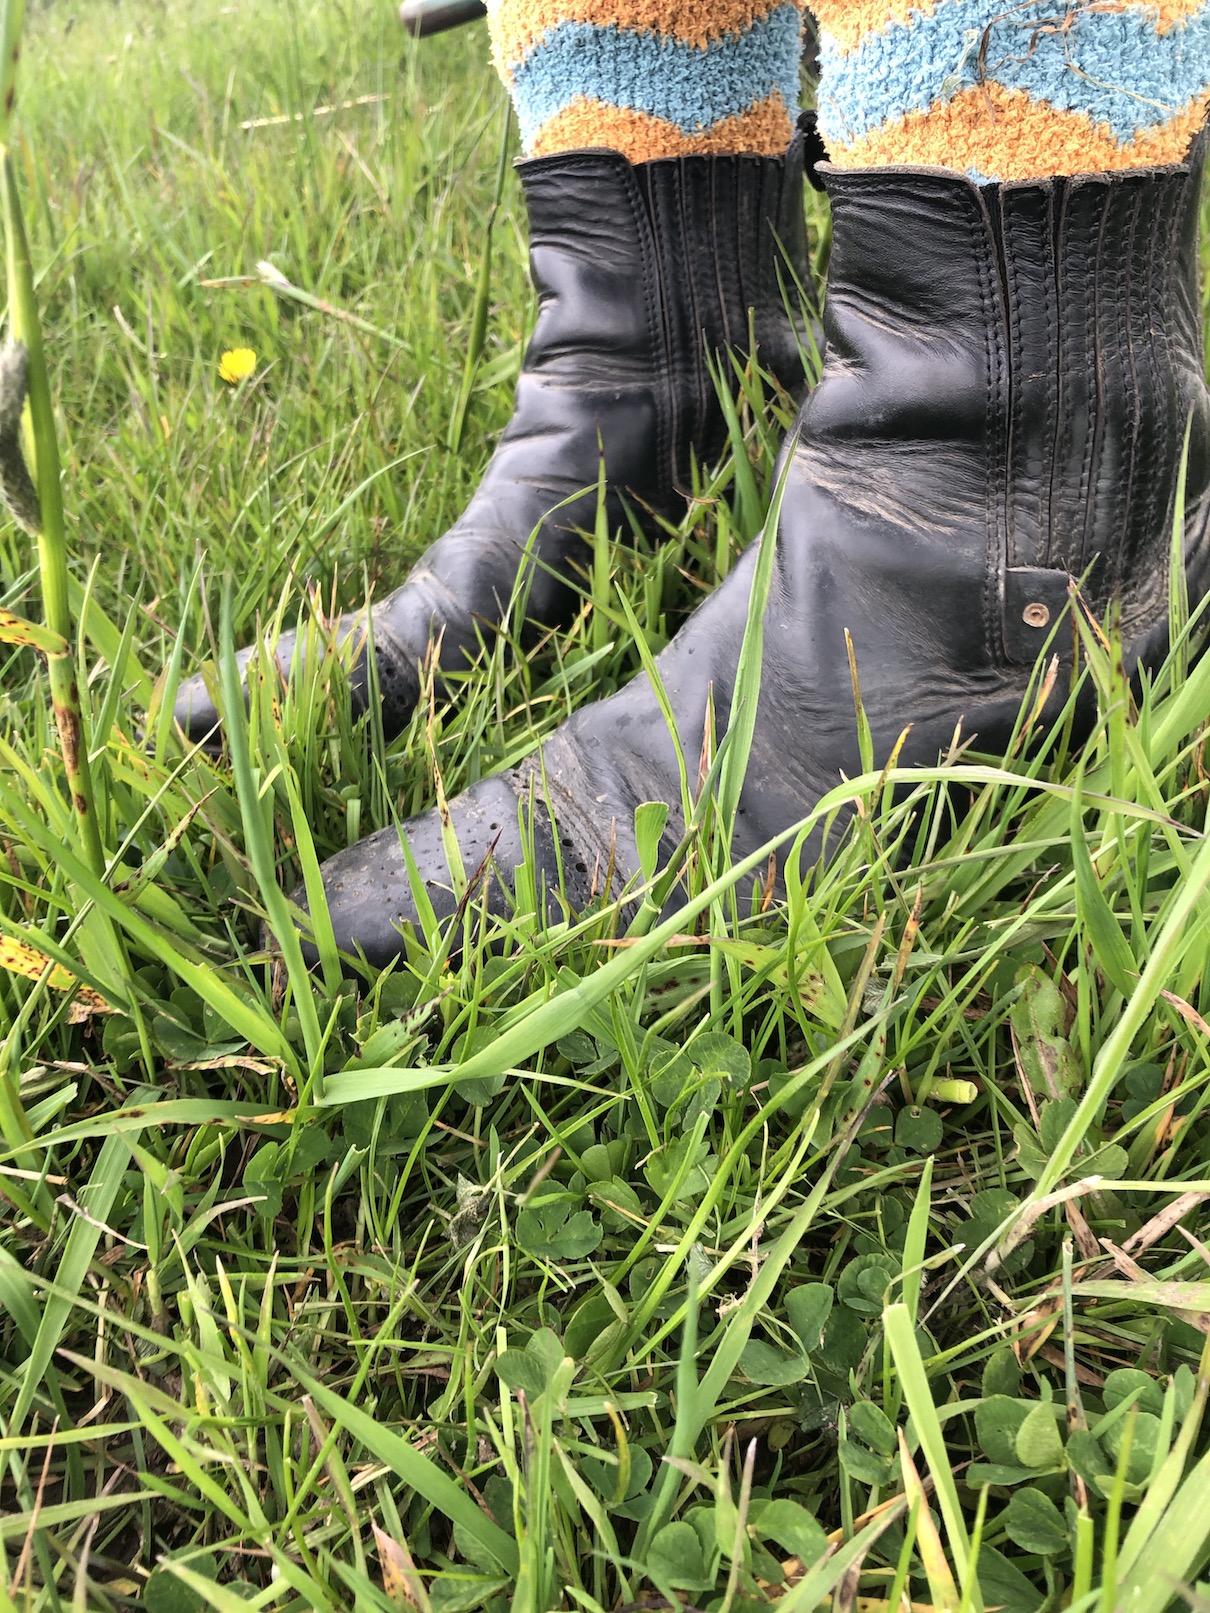 Schuhe auf Pferdewiese, Gras kurz, Pferdefutter